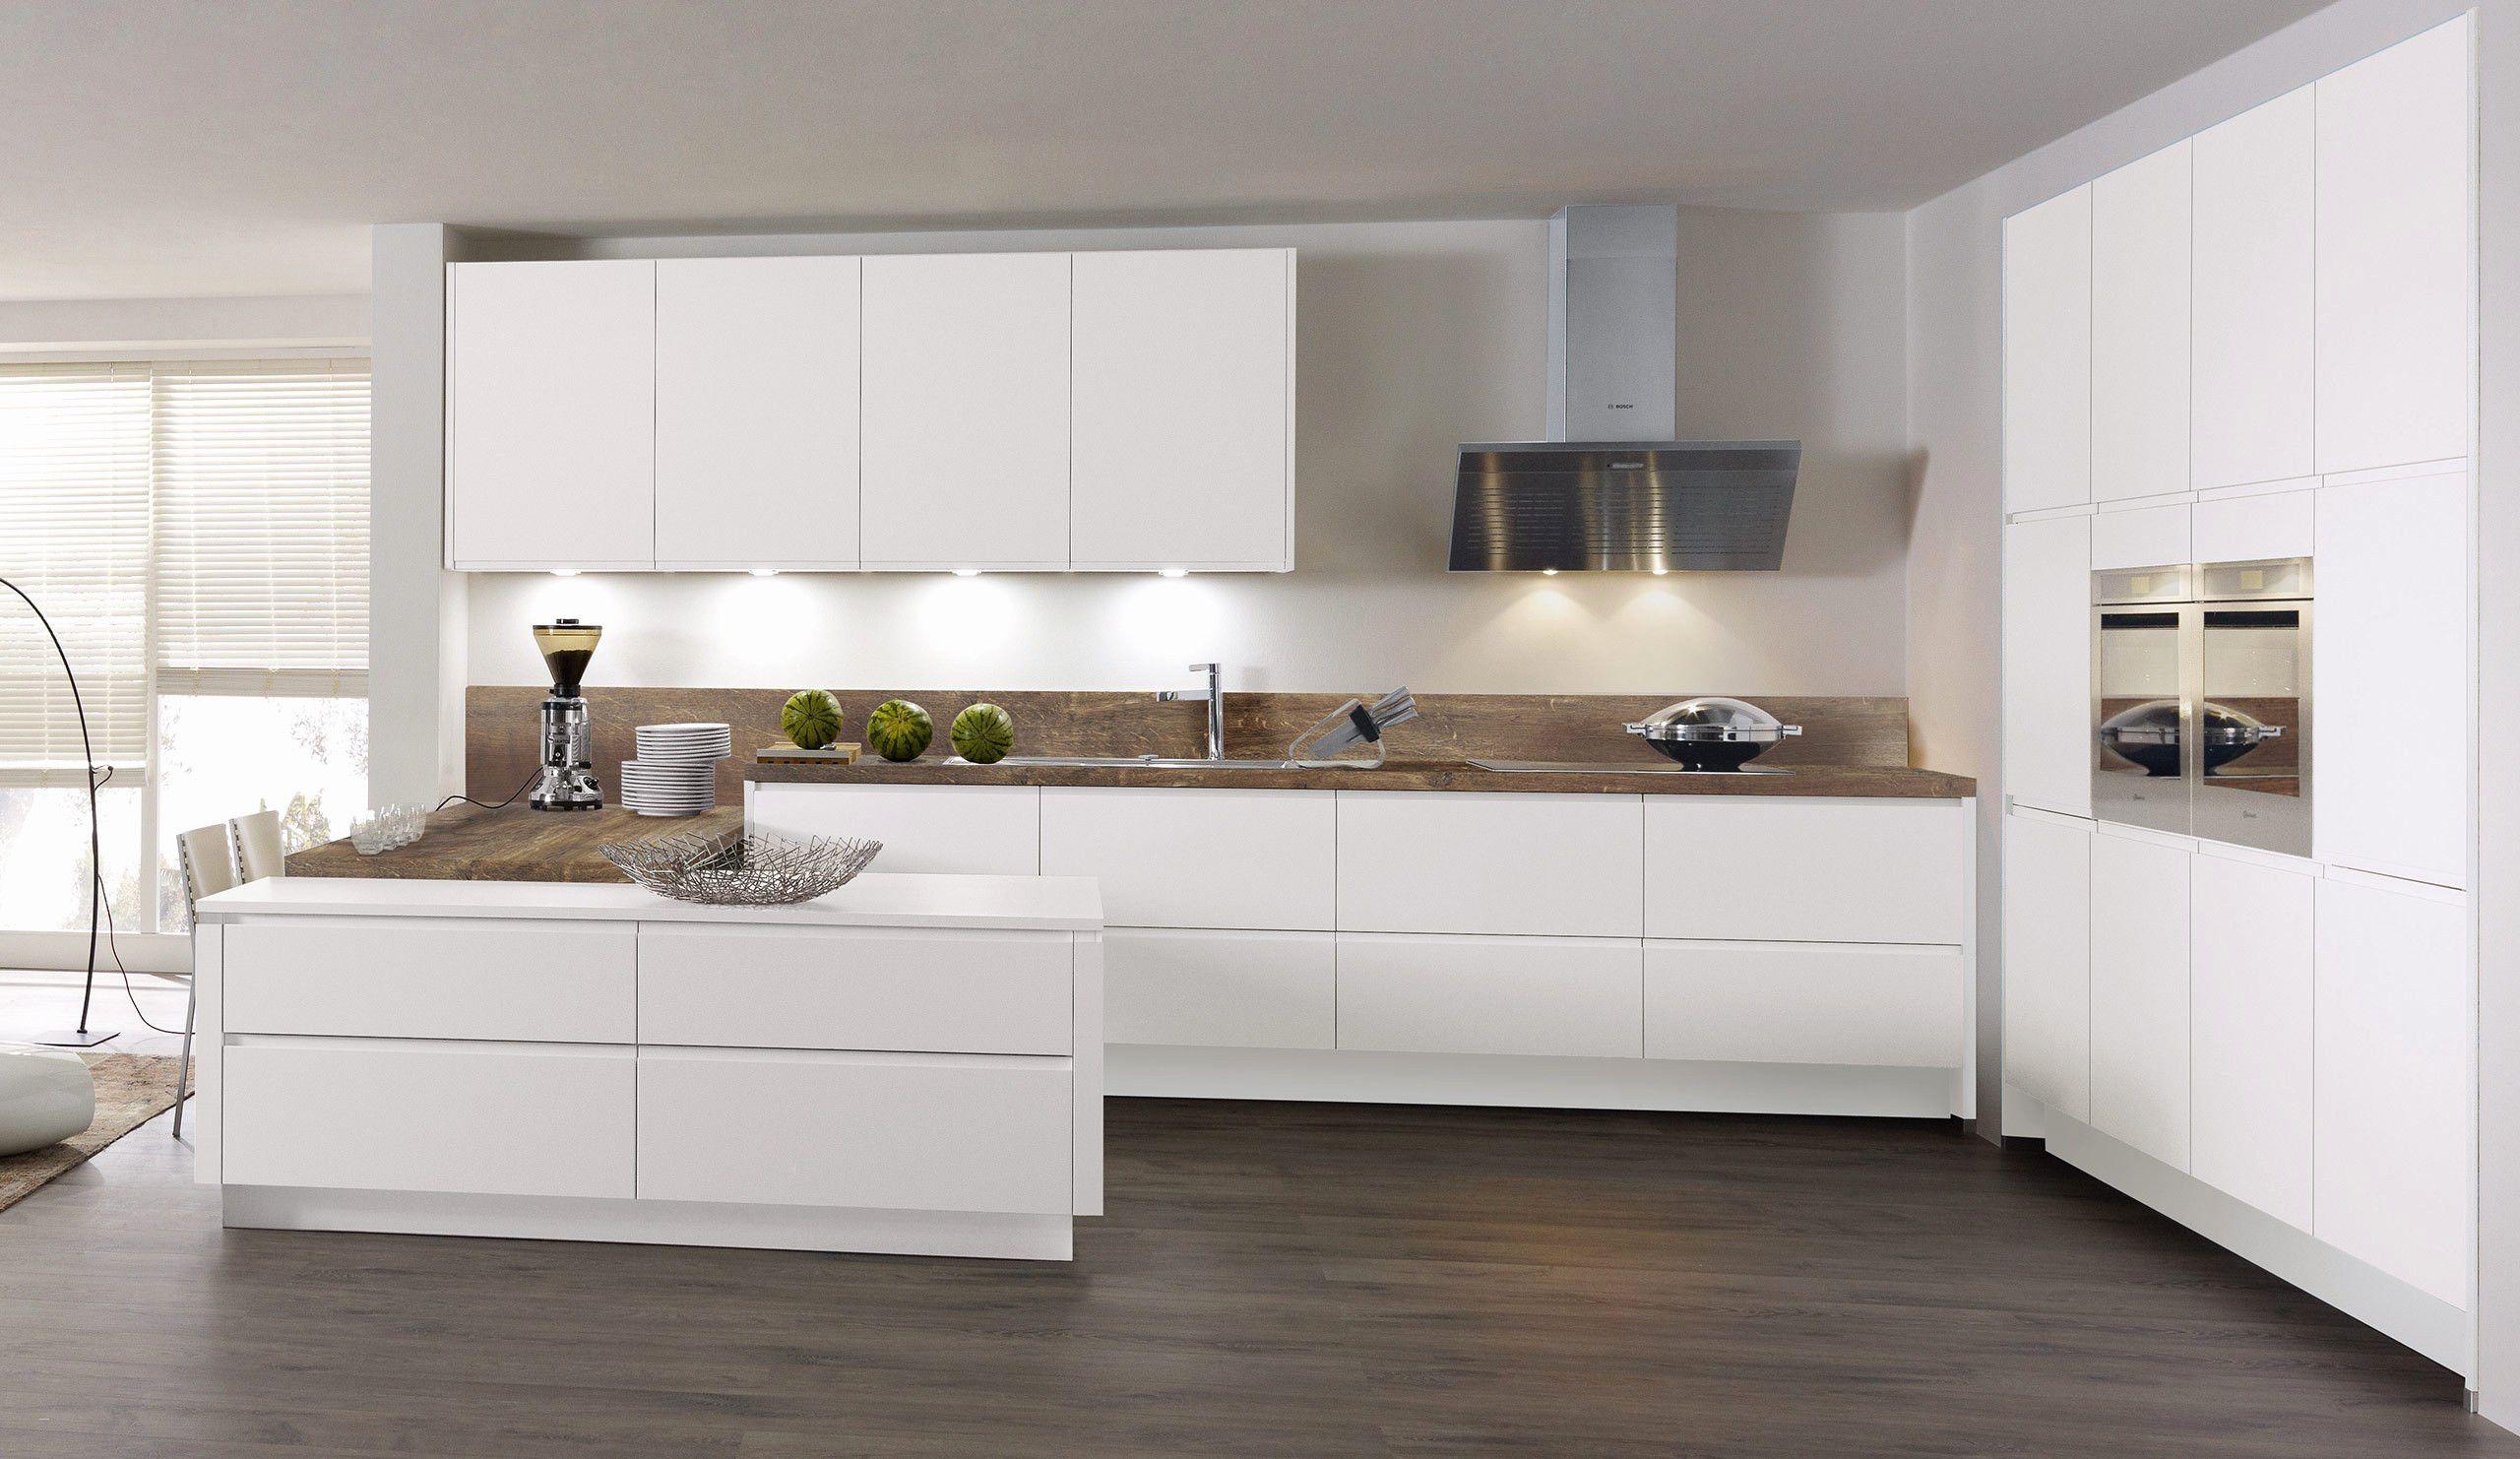 Küchen Angebote Lovely Poco Küchen Angebote Schön Poco Monchengladbach Angebote Walnut Flooring Kitchen Contemporary Kitchen Stylish Kitchen